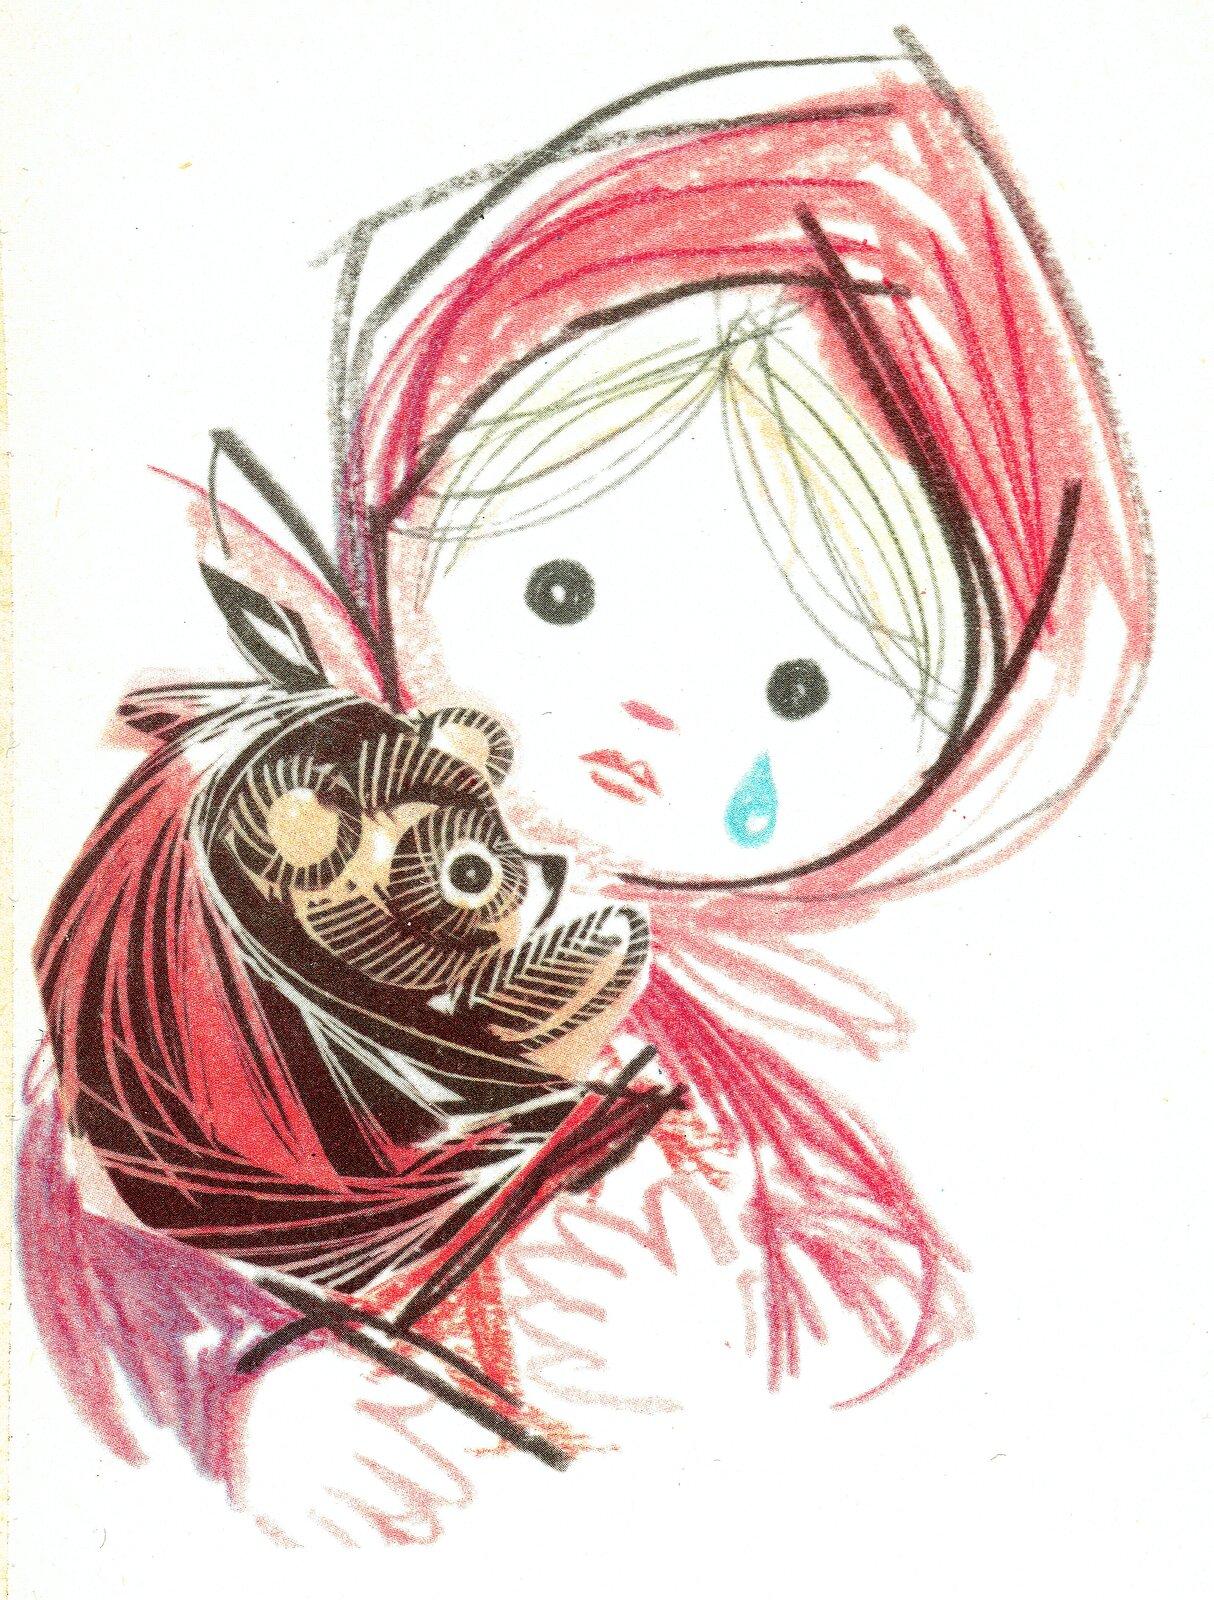 """Ilustracja przedstawia pracę Adama Kiliana zksiążki Janiny Porazińskiej, """"Pamiętnik Czarnego Noska"""". Ukazuje dziewczynkę wczerwonej chustce. Po jej twarzy płynie łza. Na rękach trzyma brązowego misia."""